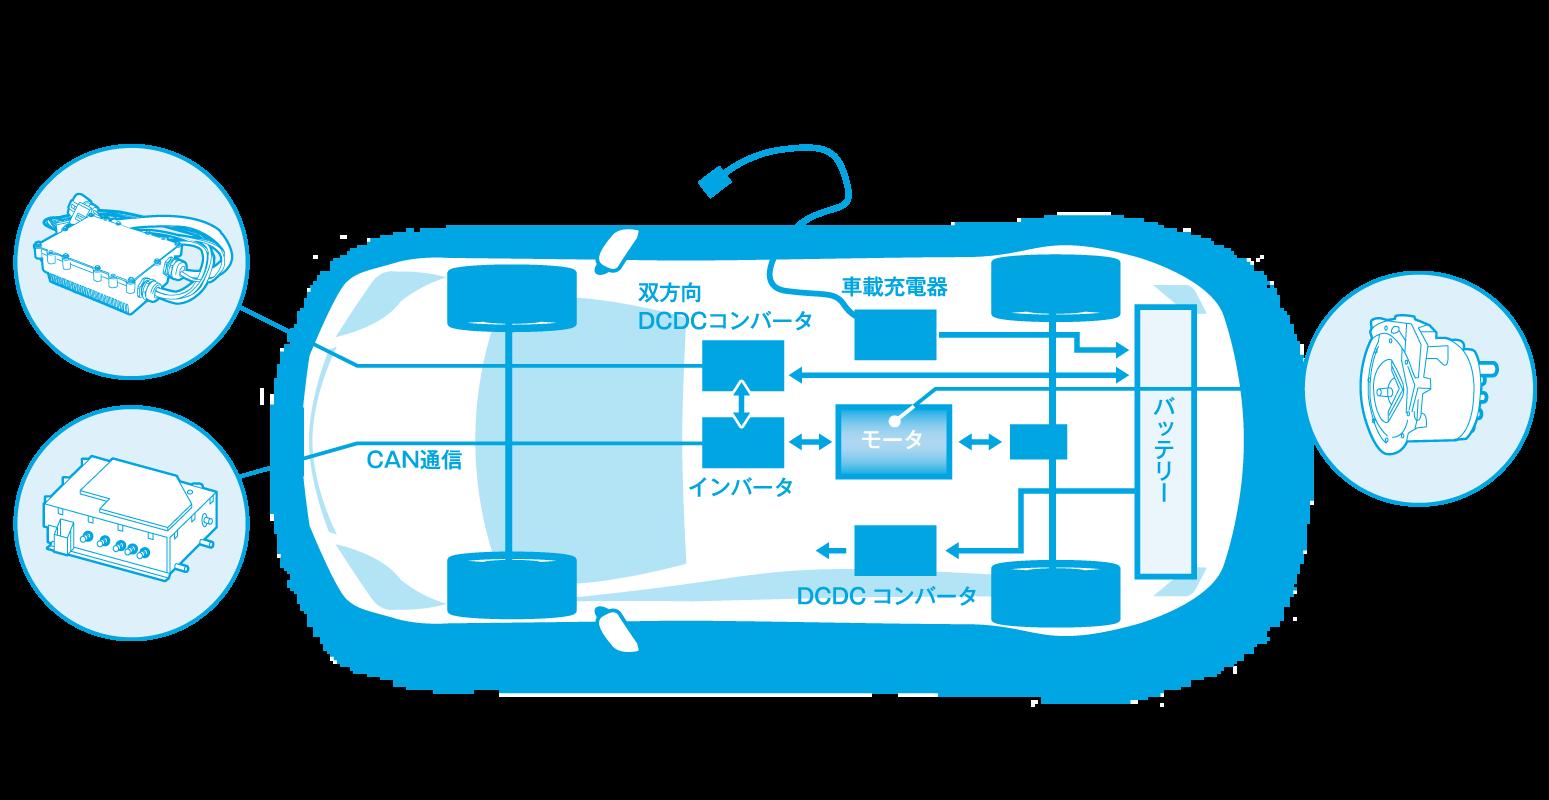 画像:パワーエレクトロニクスの技術開発